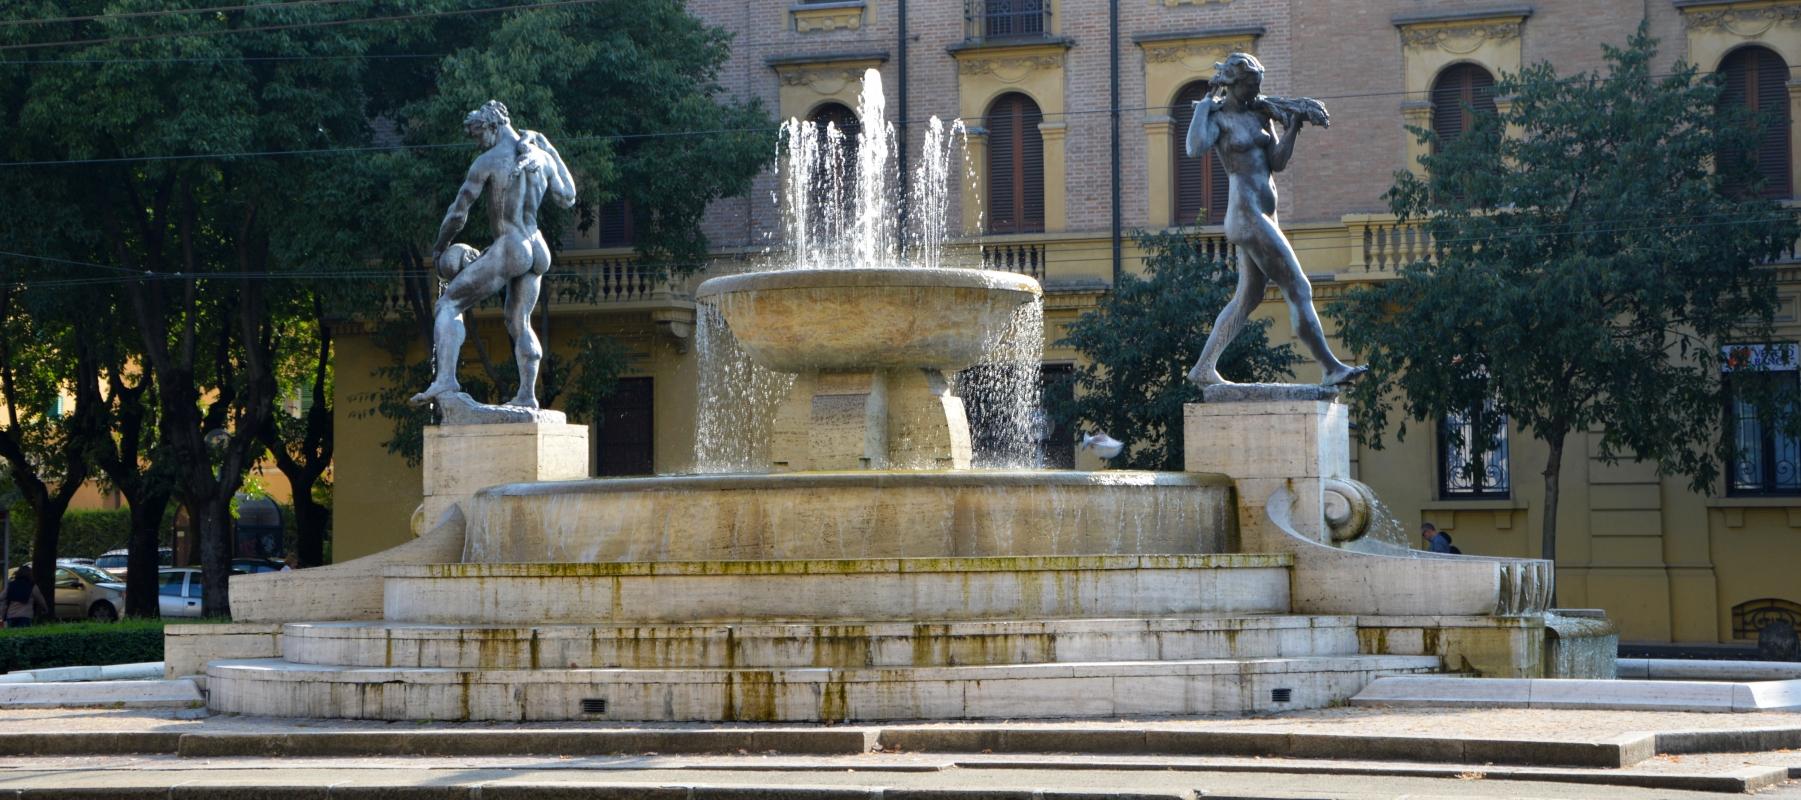 Vista d'insieme della Fontana dei Due Fiumi - Valeriamaramotti - Modena (MO)